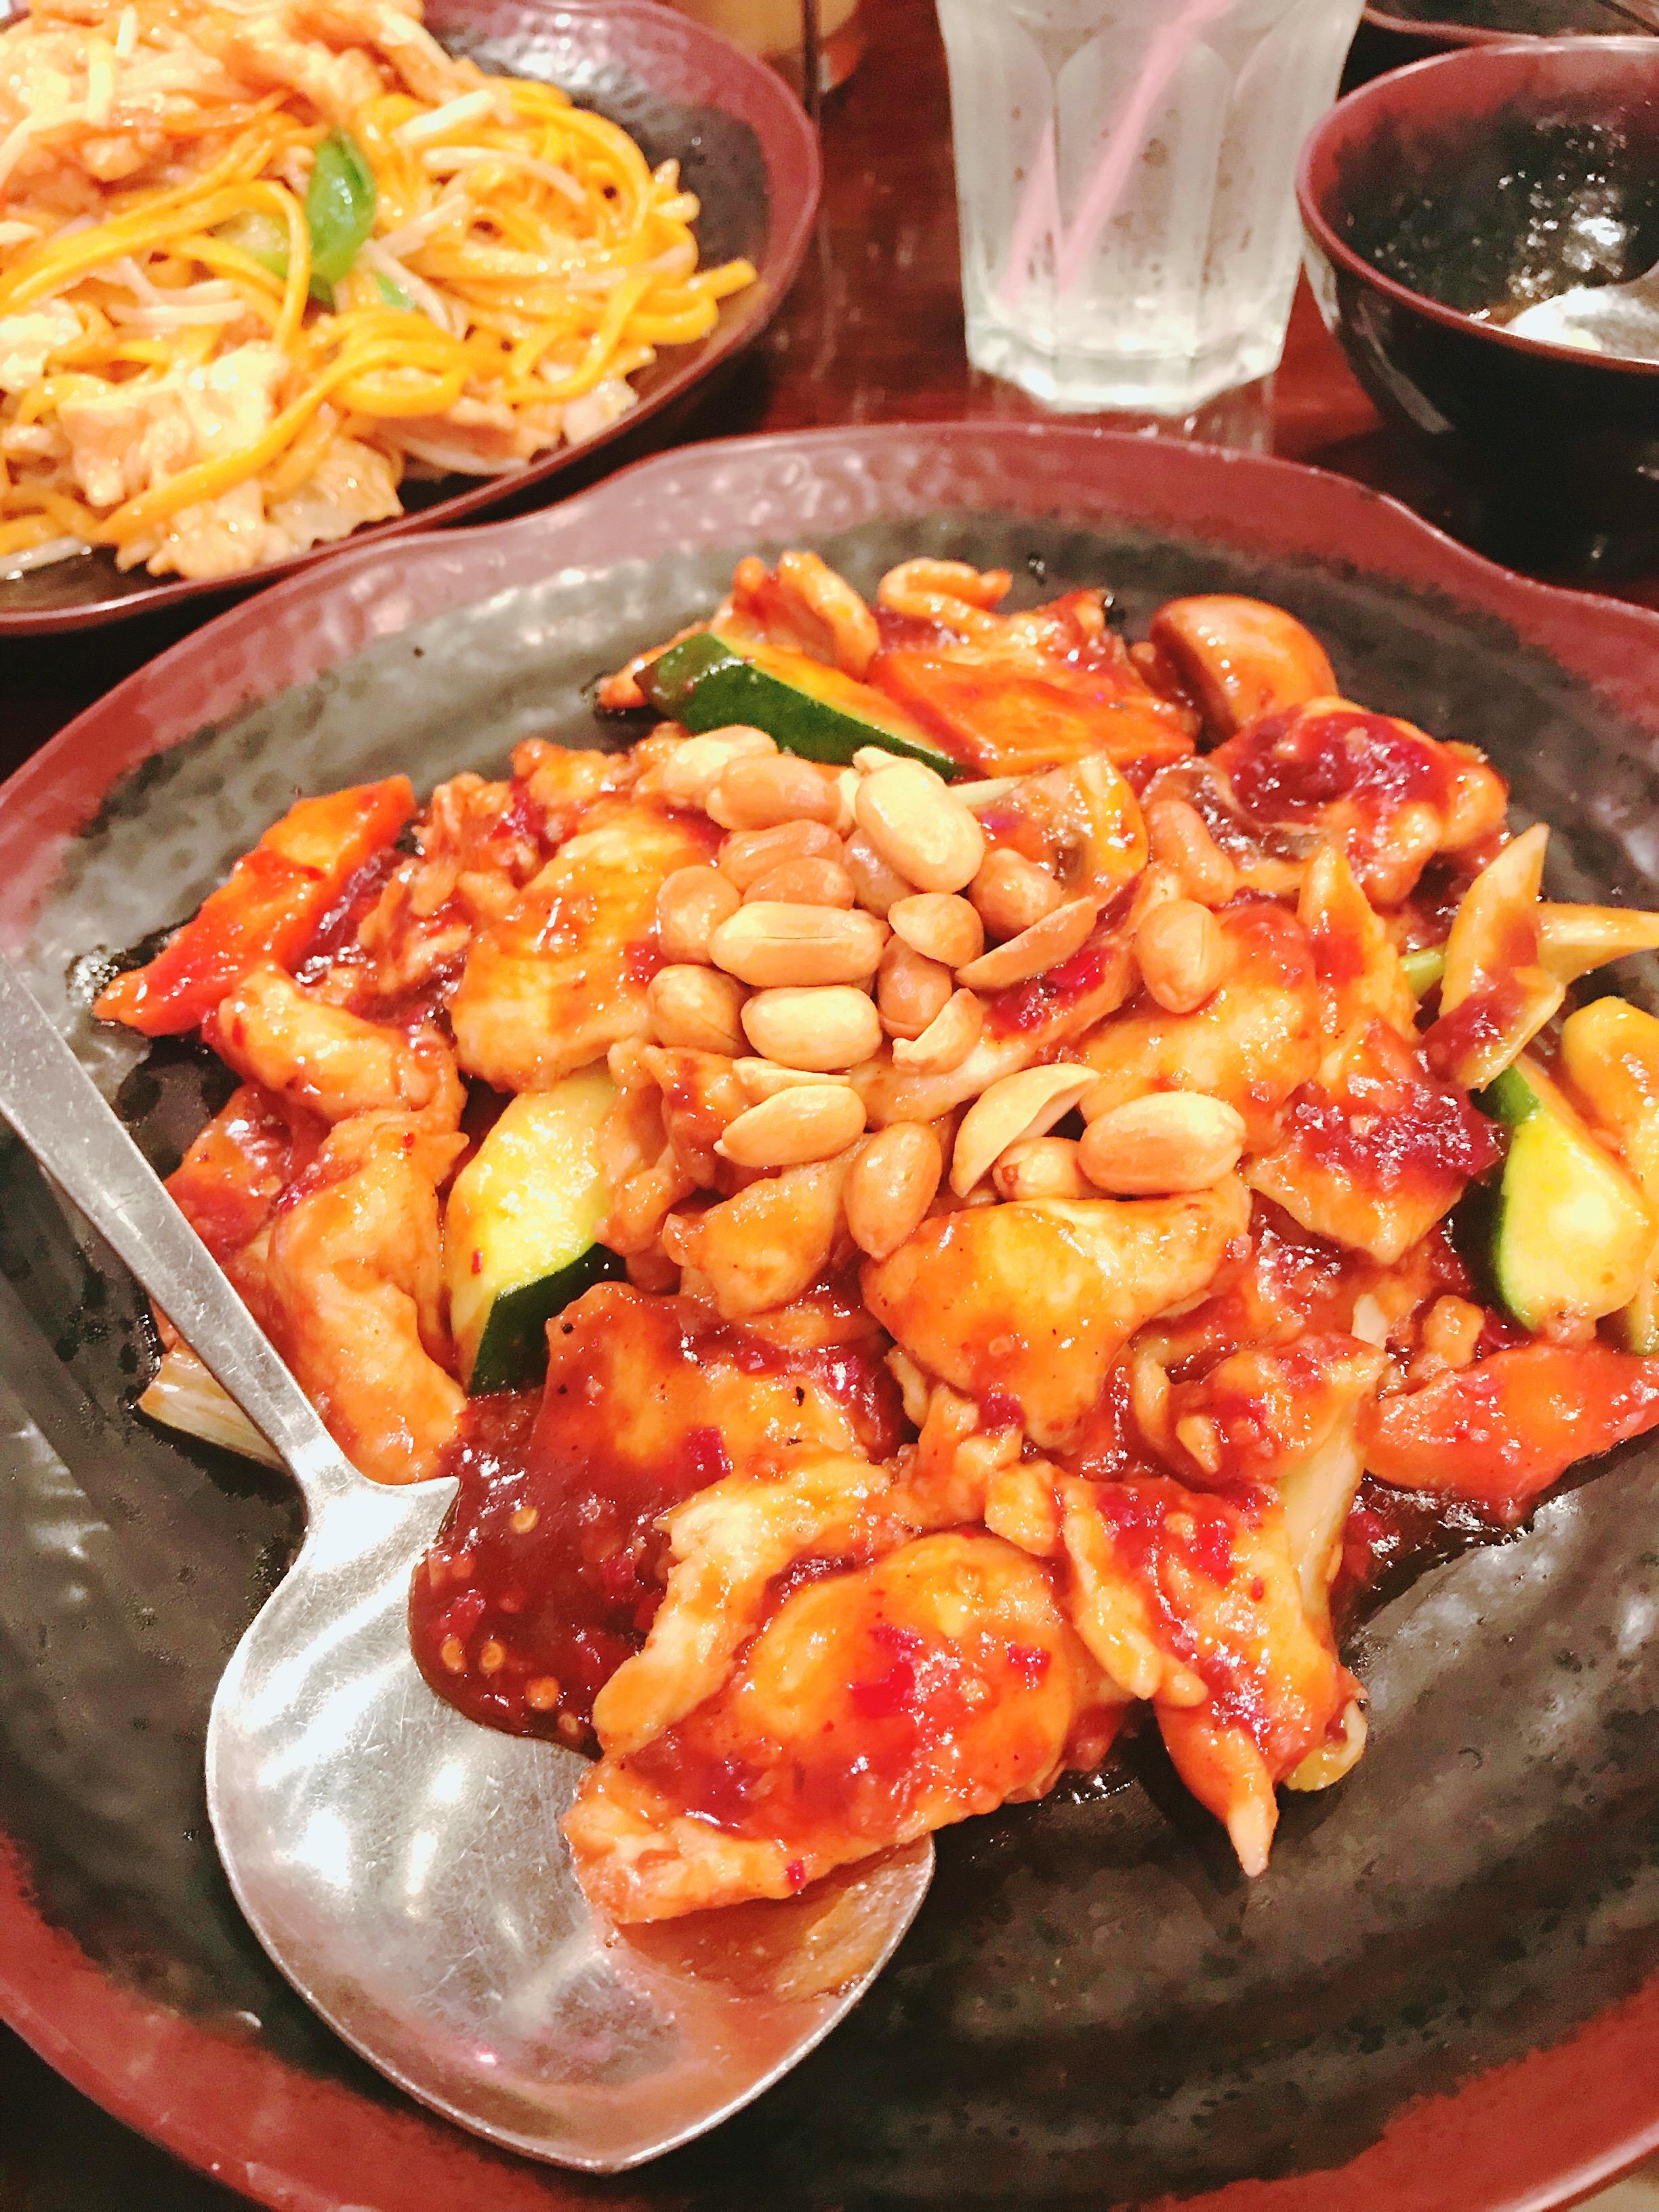 Halal General Tso Chicken at Jade Ly Asian Bistro, Sugar Land, TX